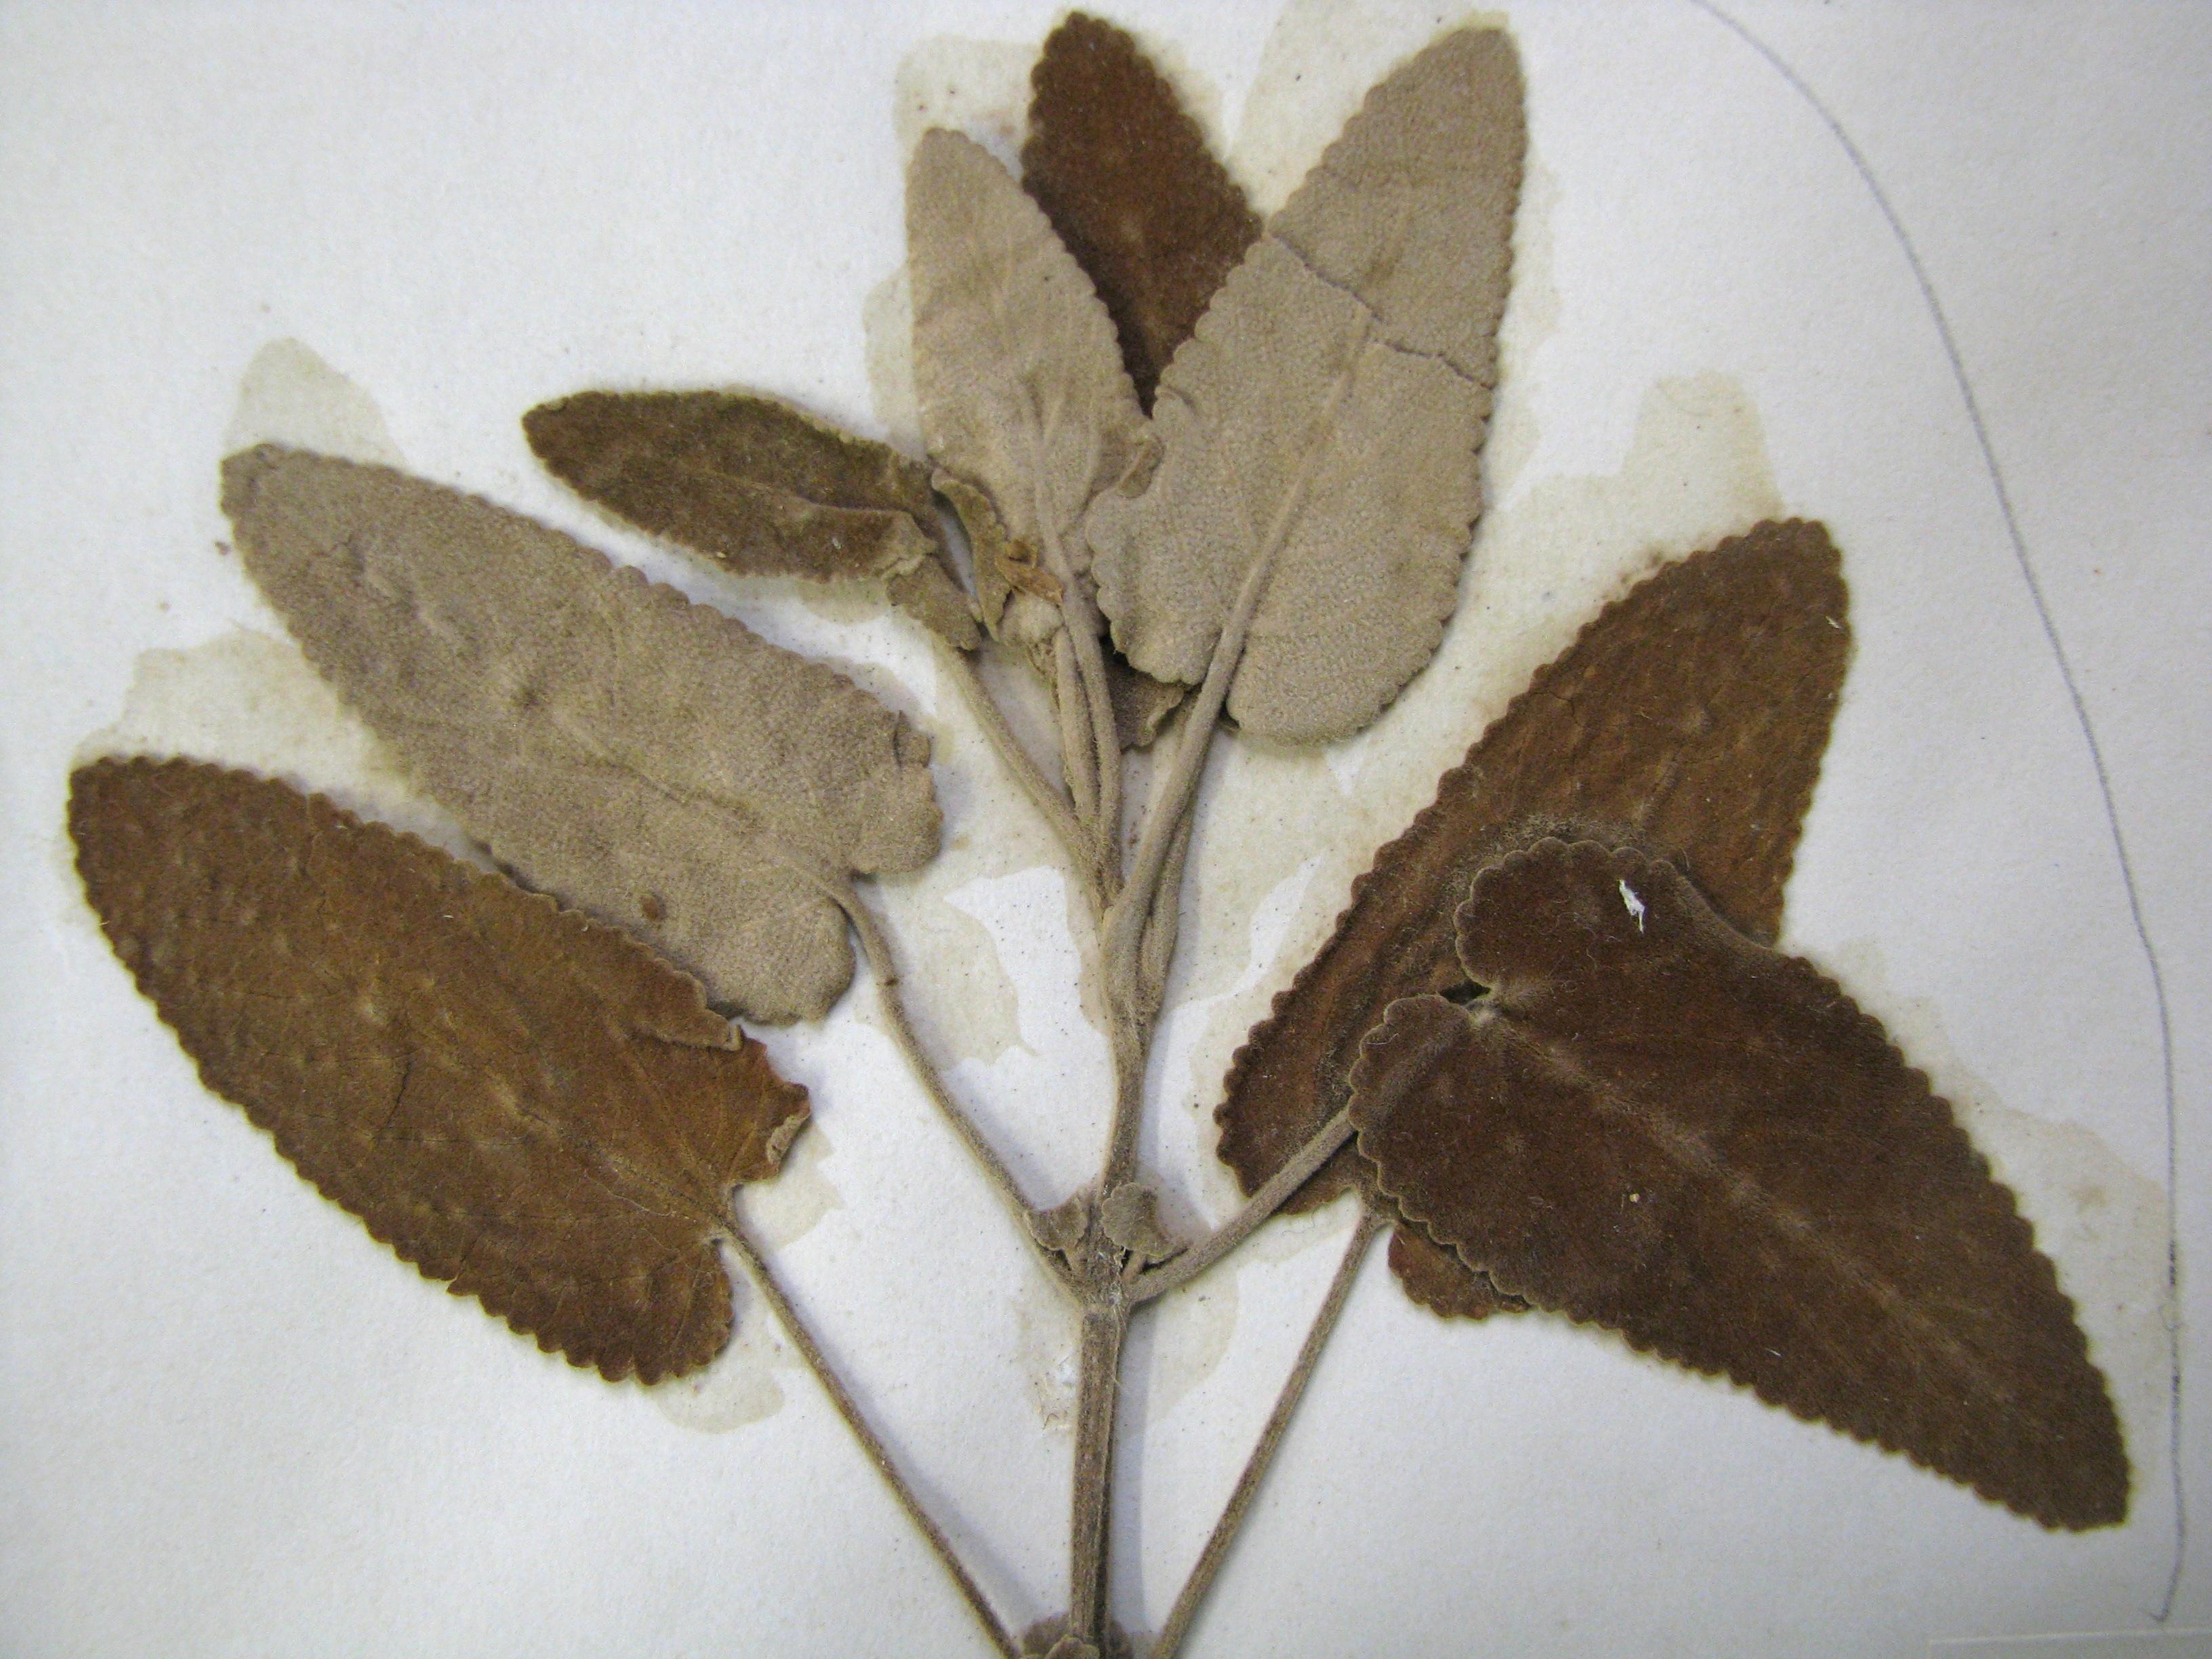 Image of Molokai islandmint